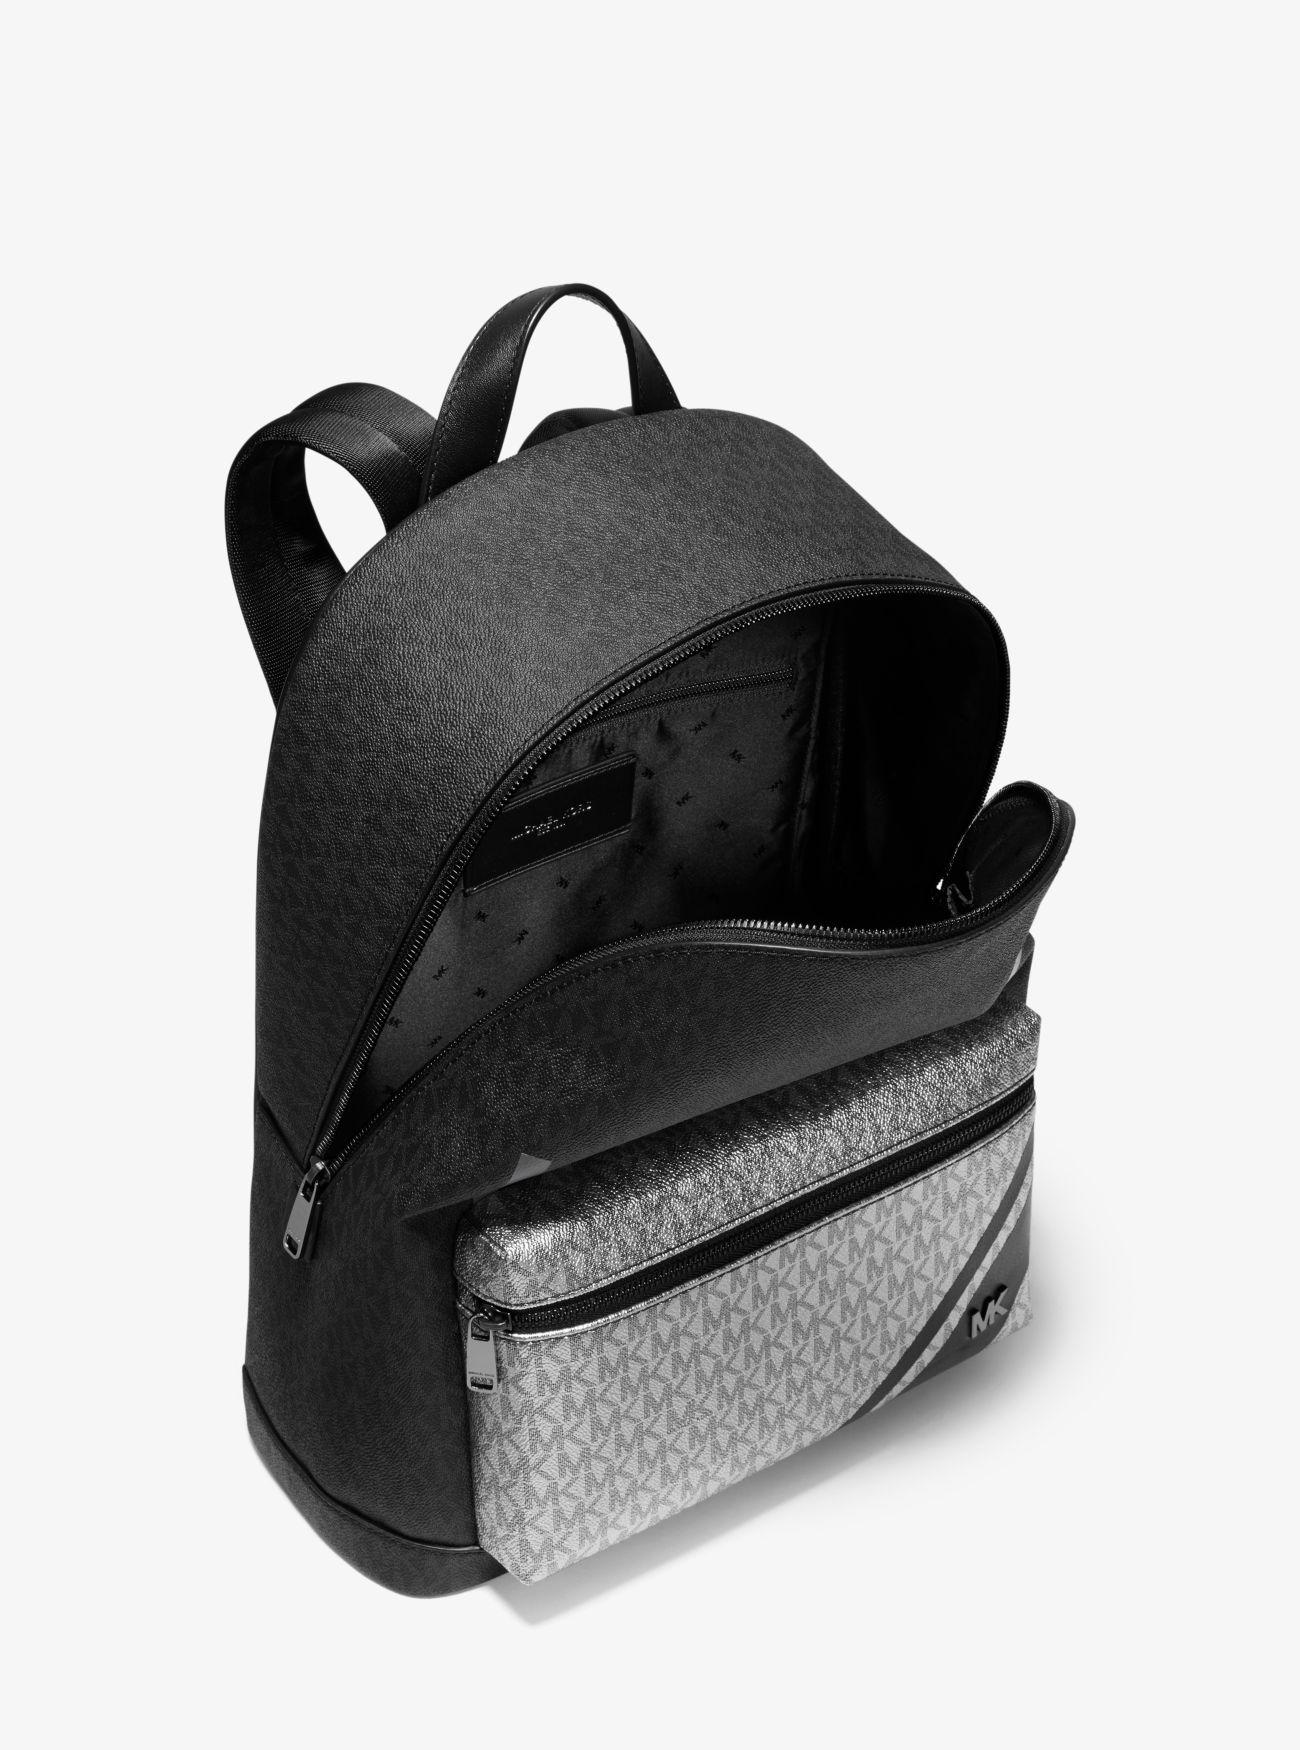 9c55875569dd99 Jet Set Color-block Logo Backpack   Michael Kors